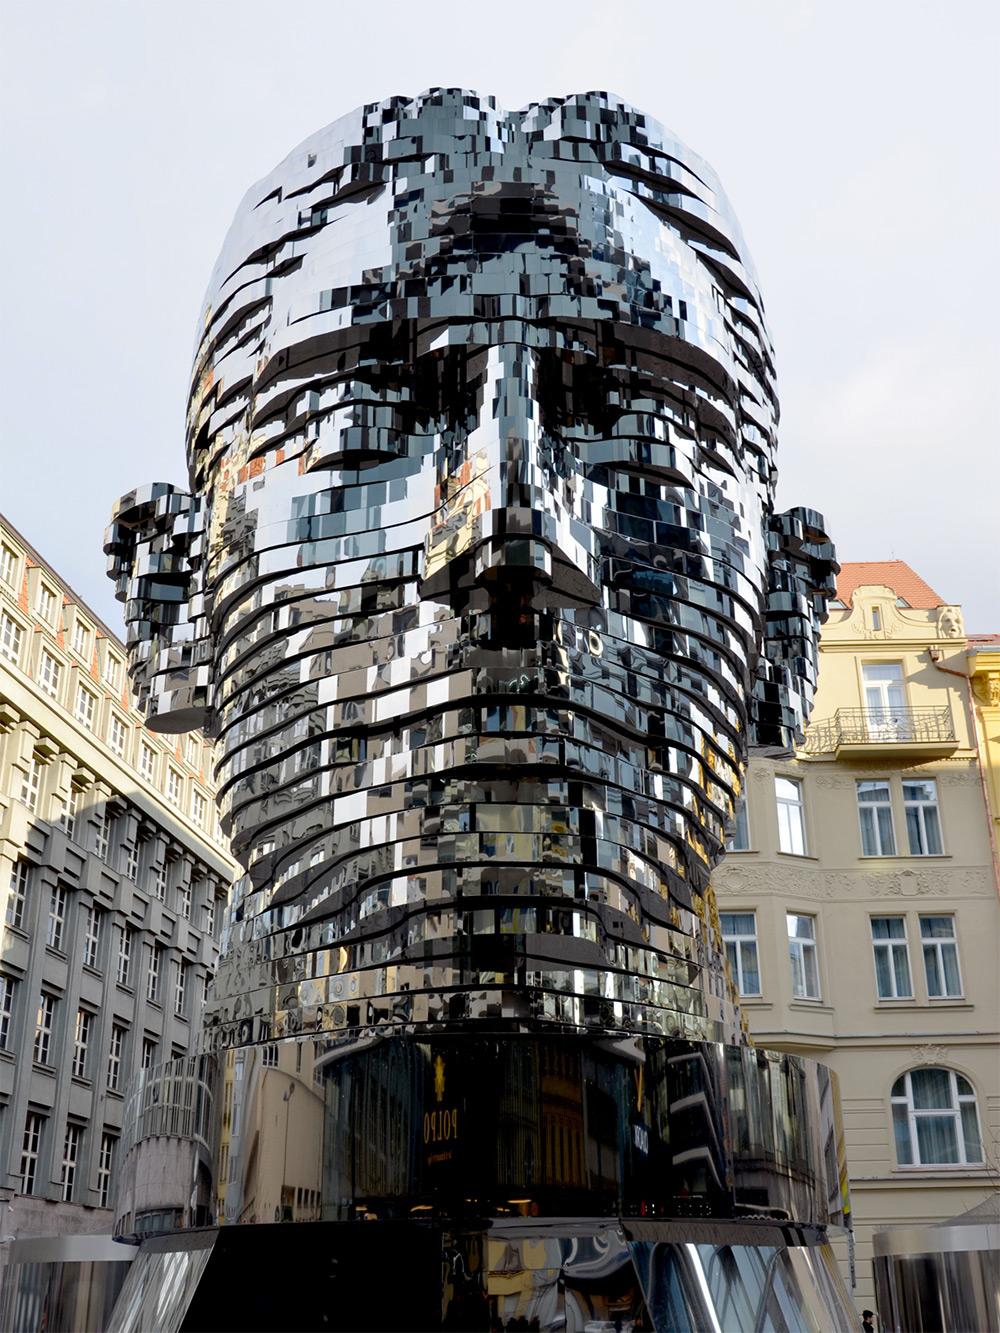 david-cerny-monumento-kafka.jpg